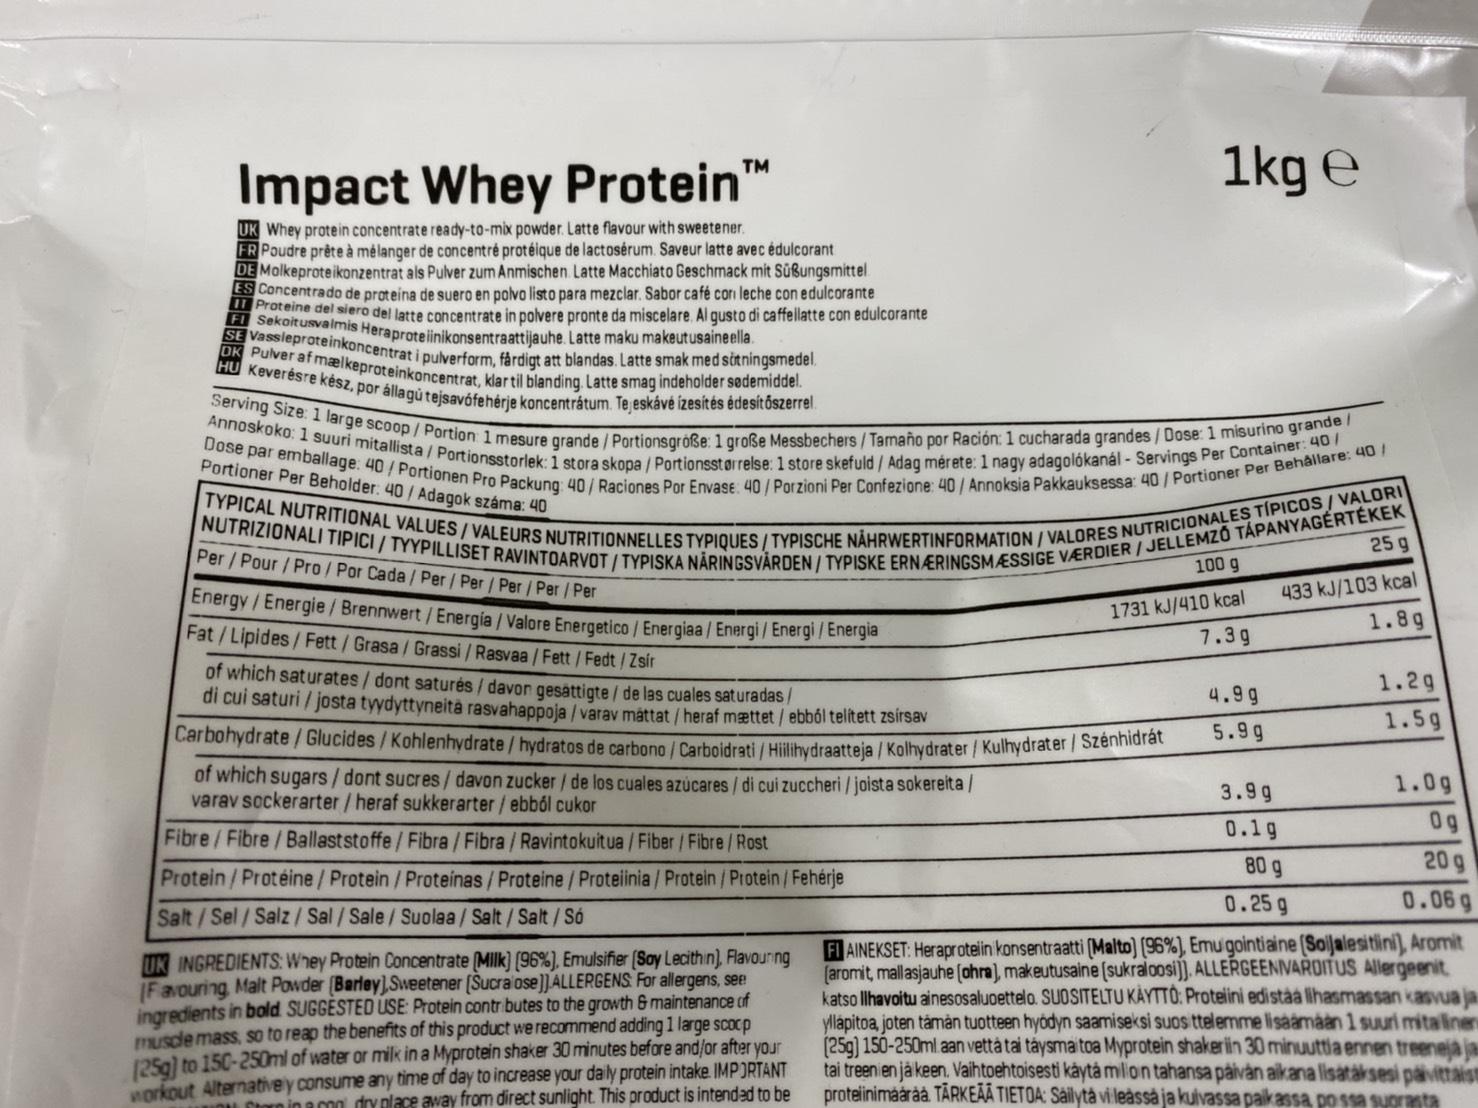 Impactホエイプロテイン:ラテ味の成分表